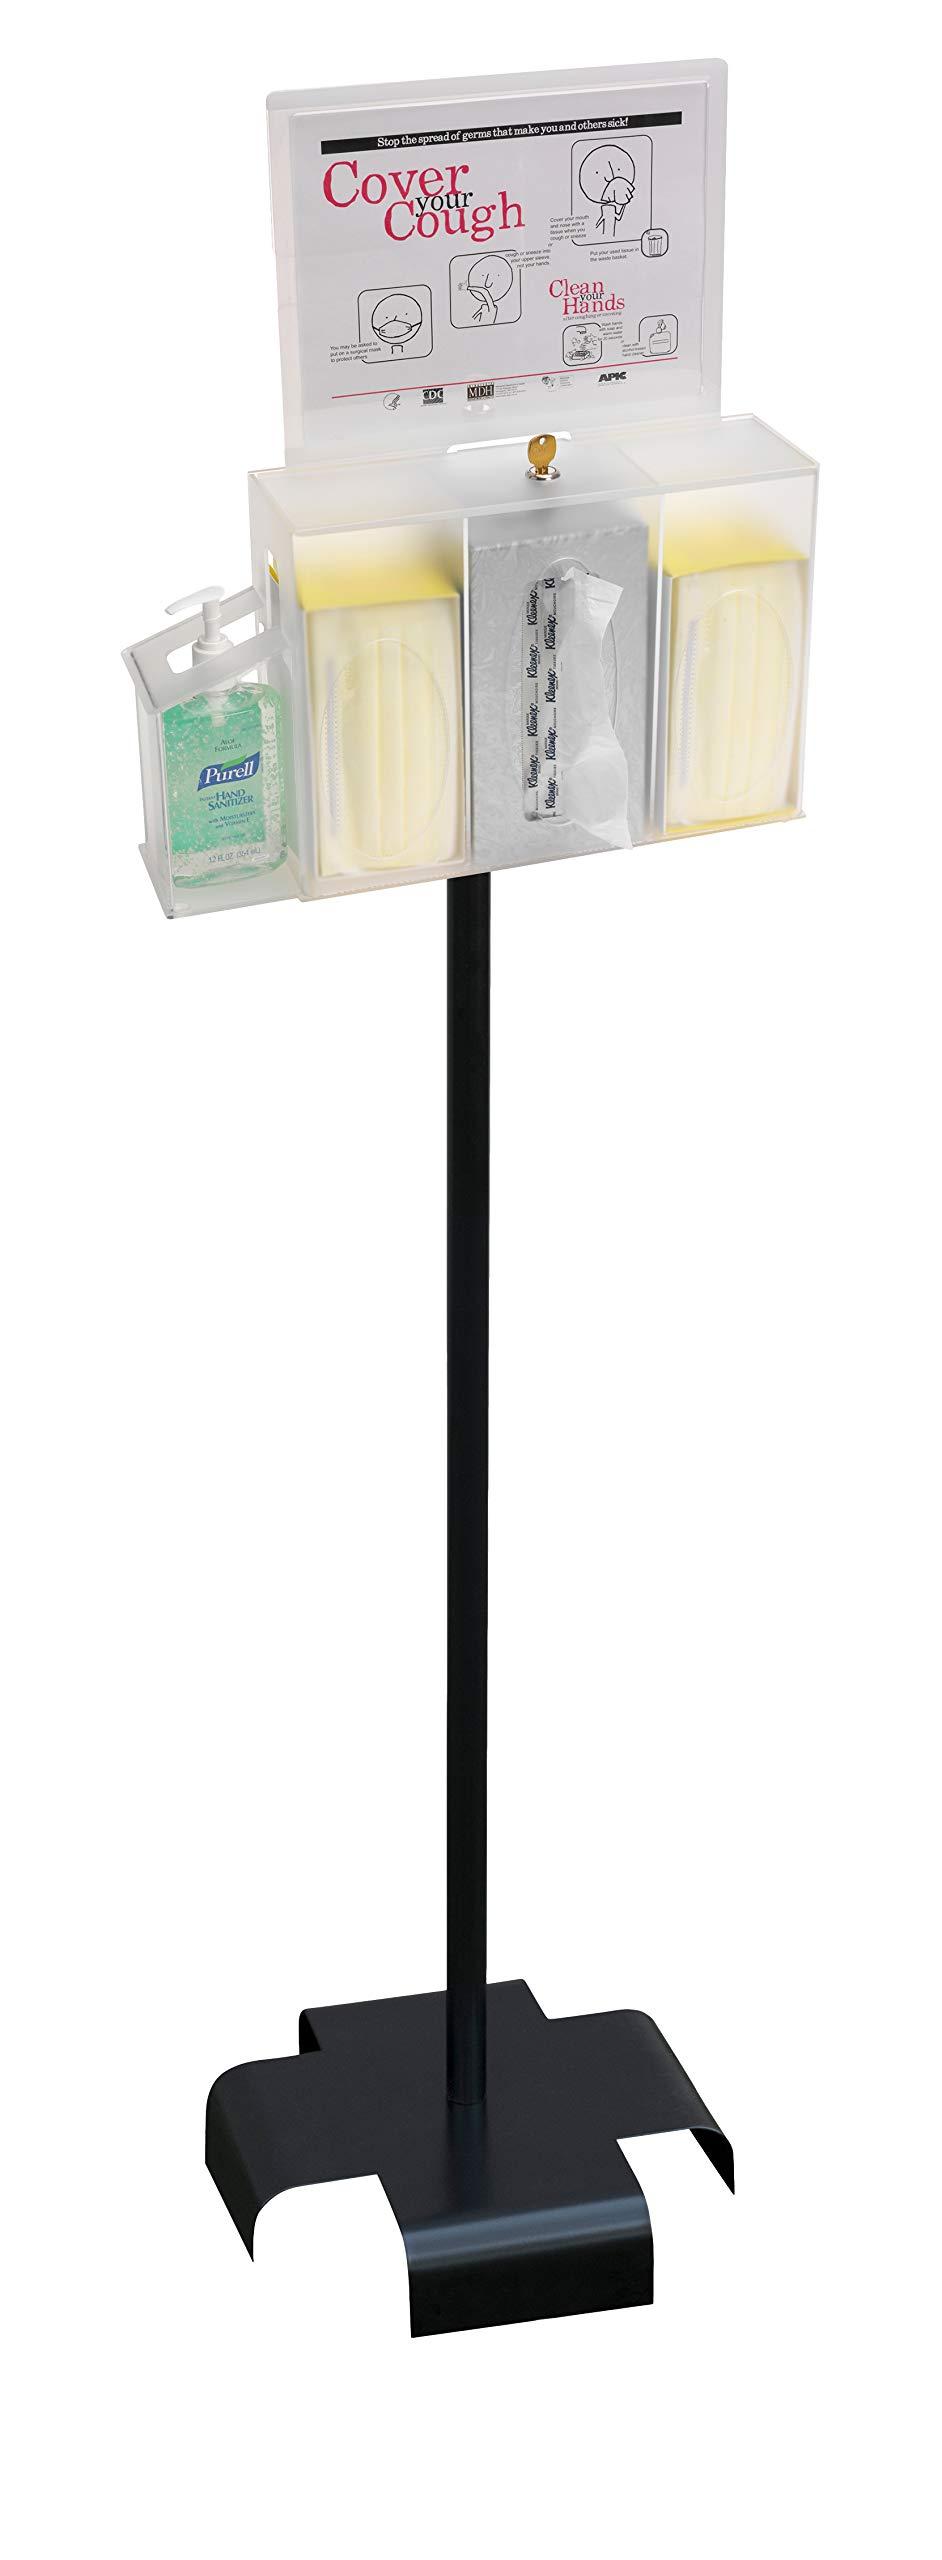 Omnimed 304006_311STAND Hygiene Station Bundle W Stand & Sign Holder